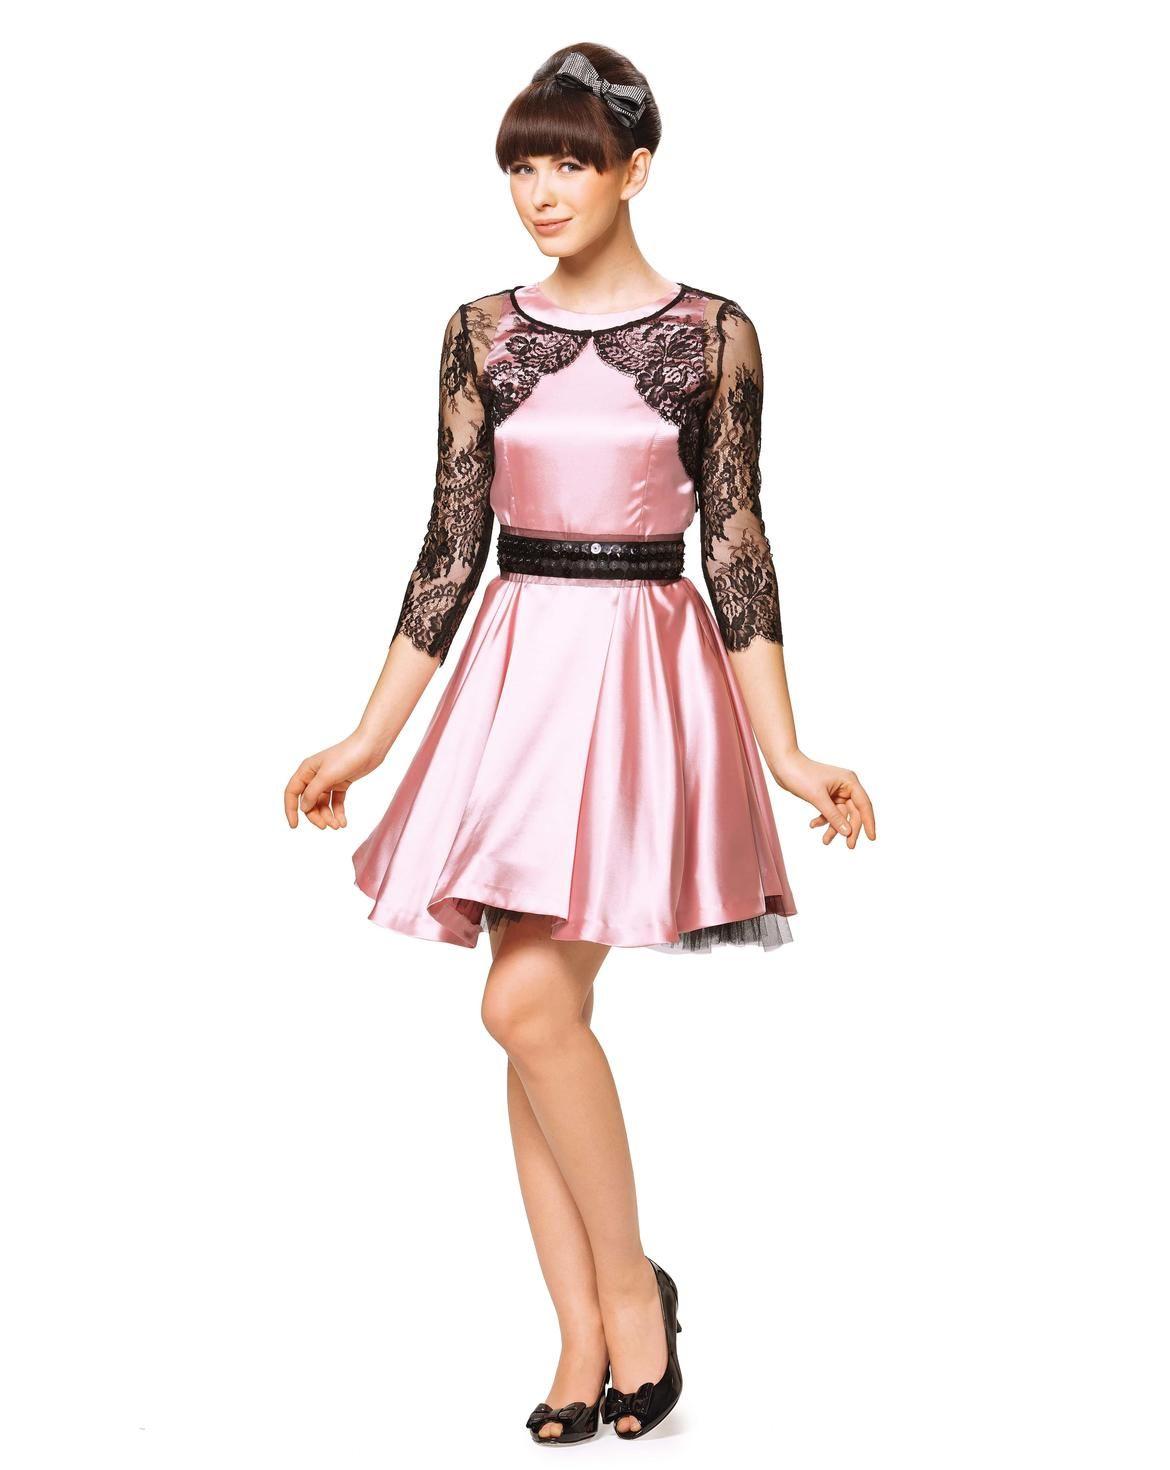 Schnittmuster Retro-Kleid H/W 2011 #7308A   Kleider nähen   Pinterest